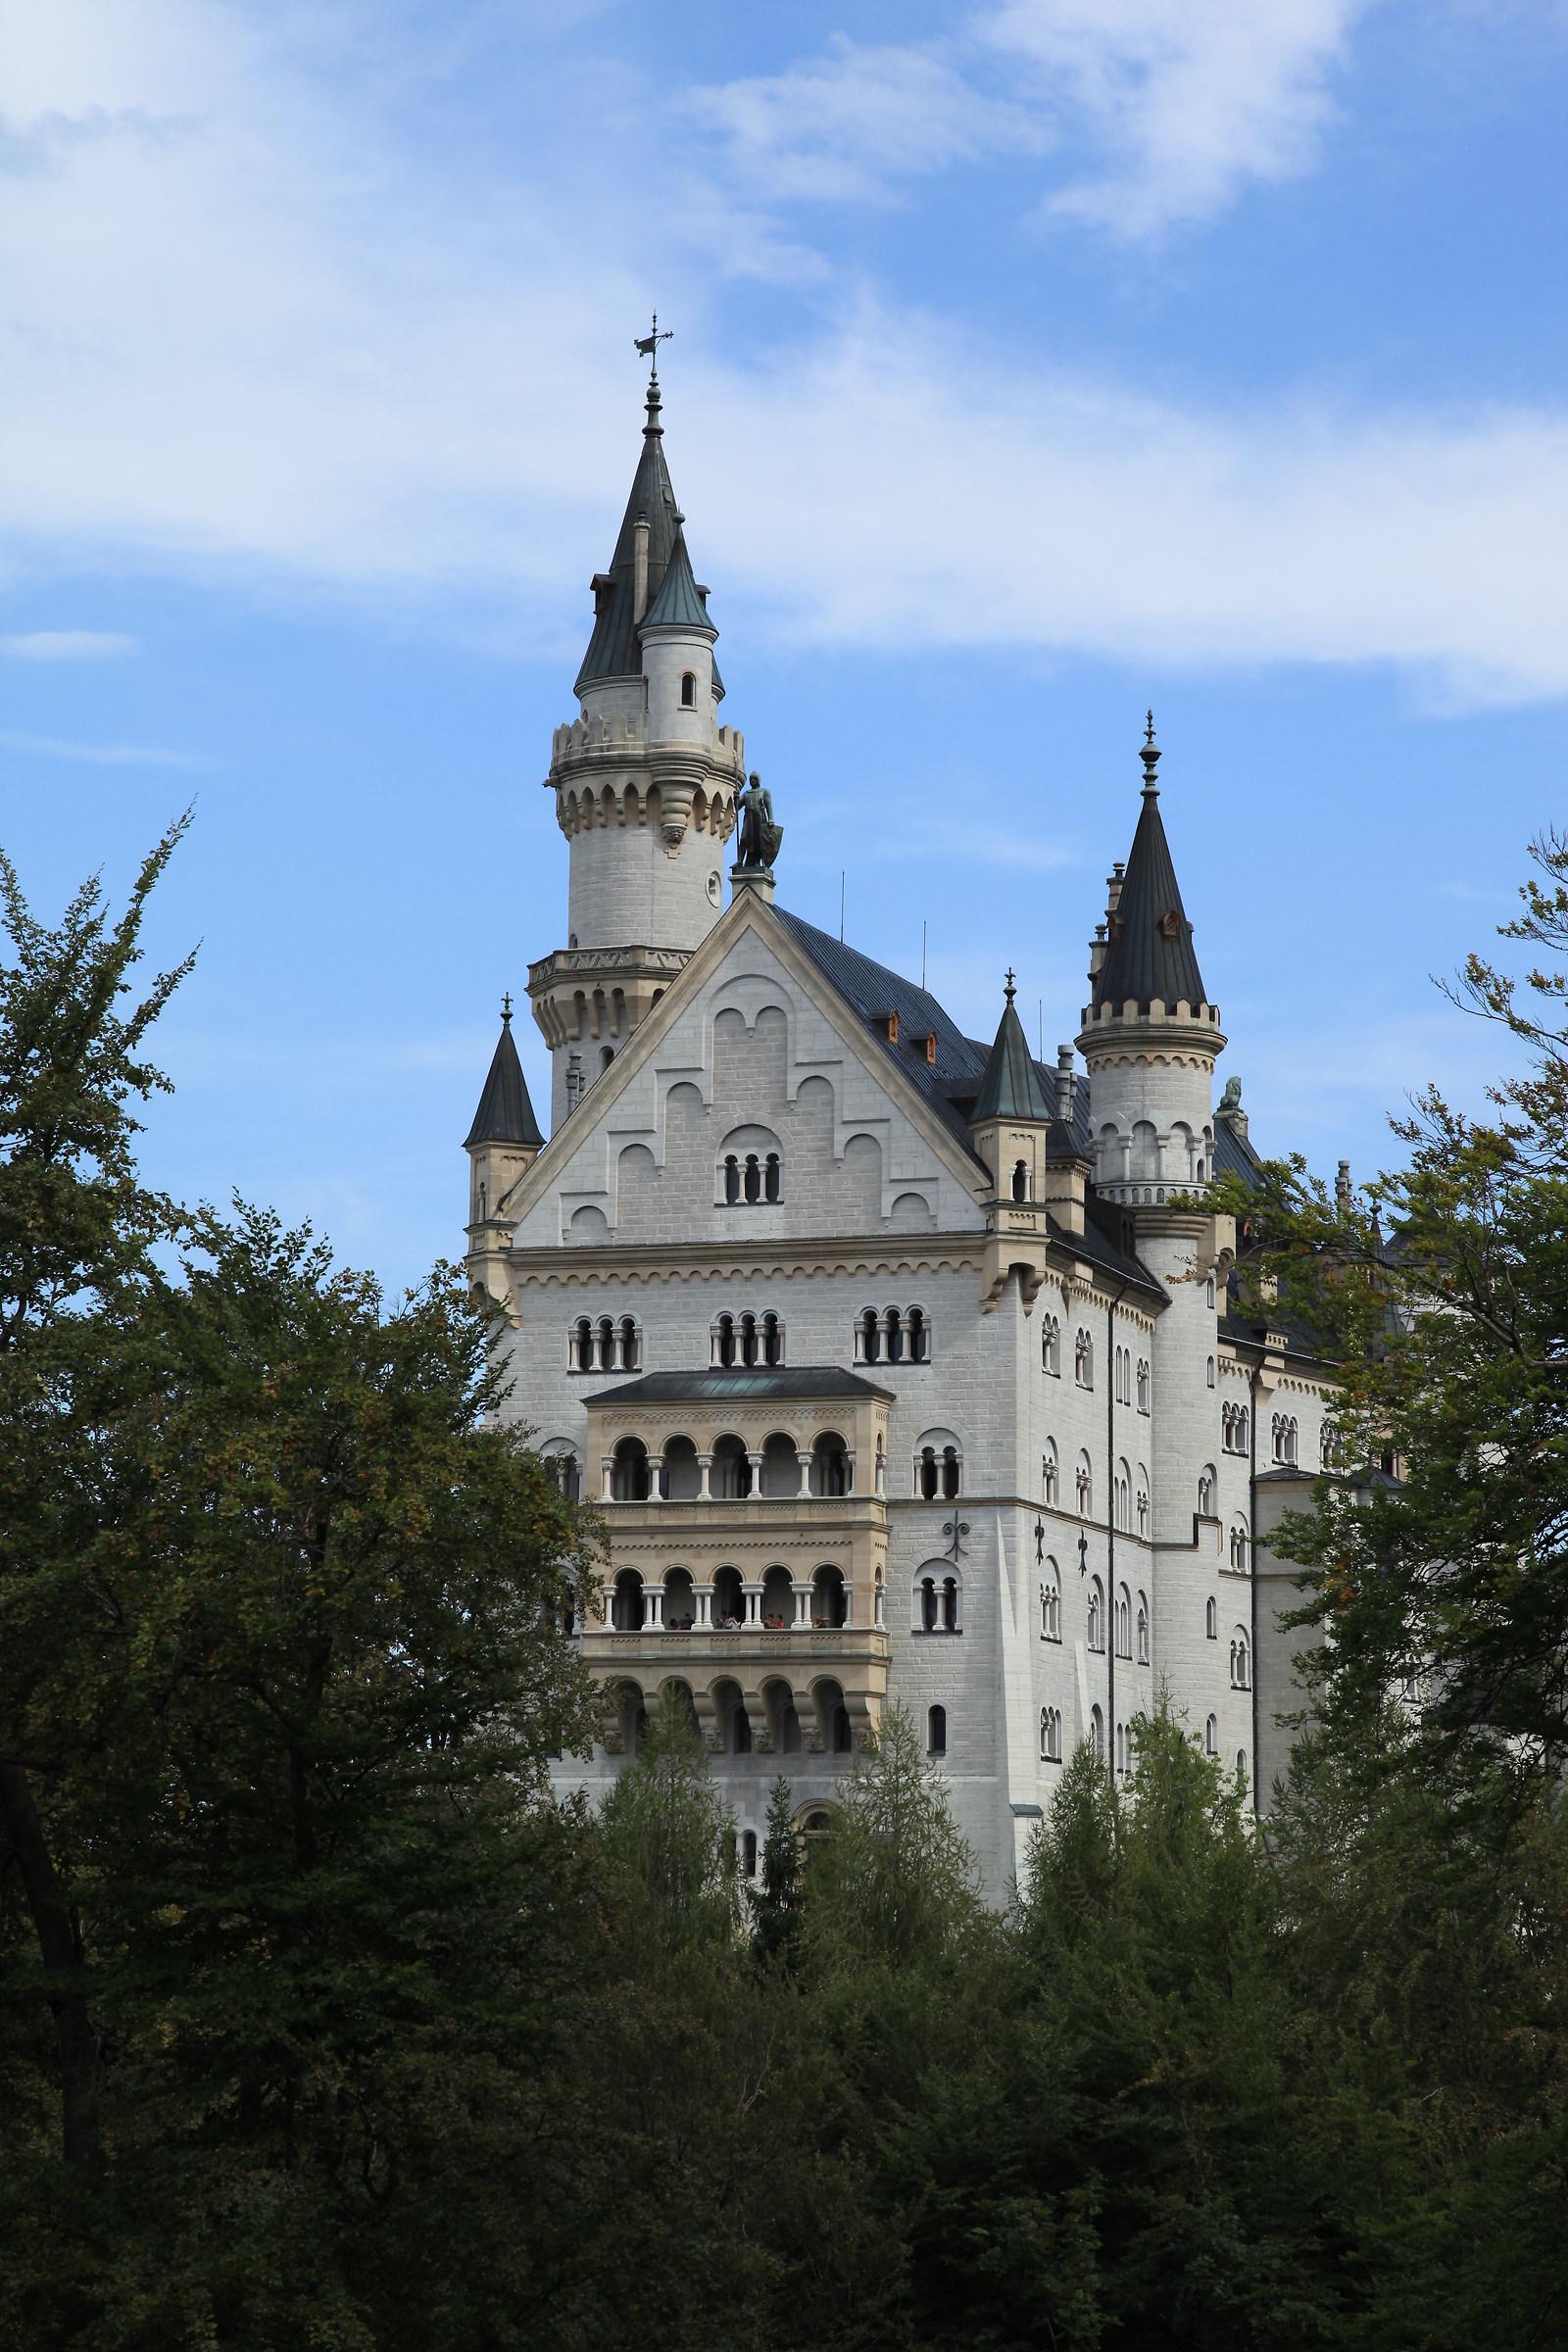 Castle of Neuschwanstein...